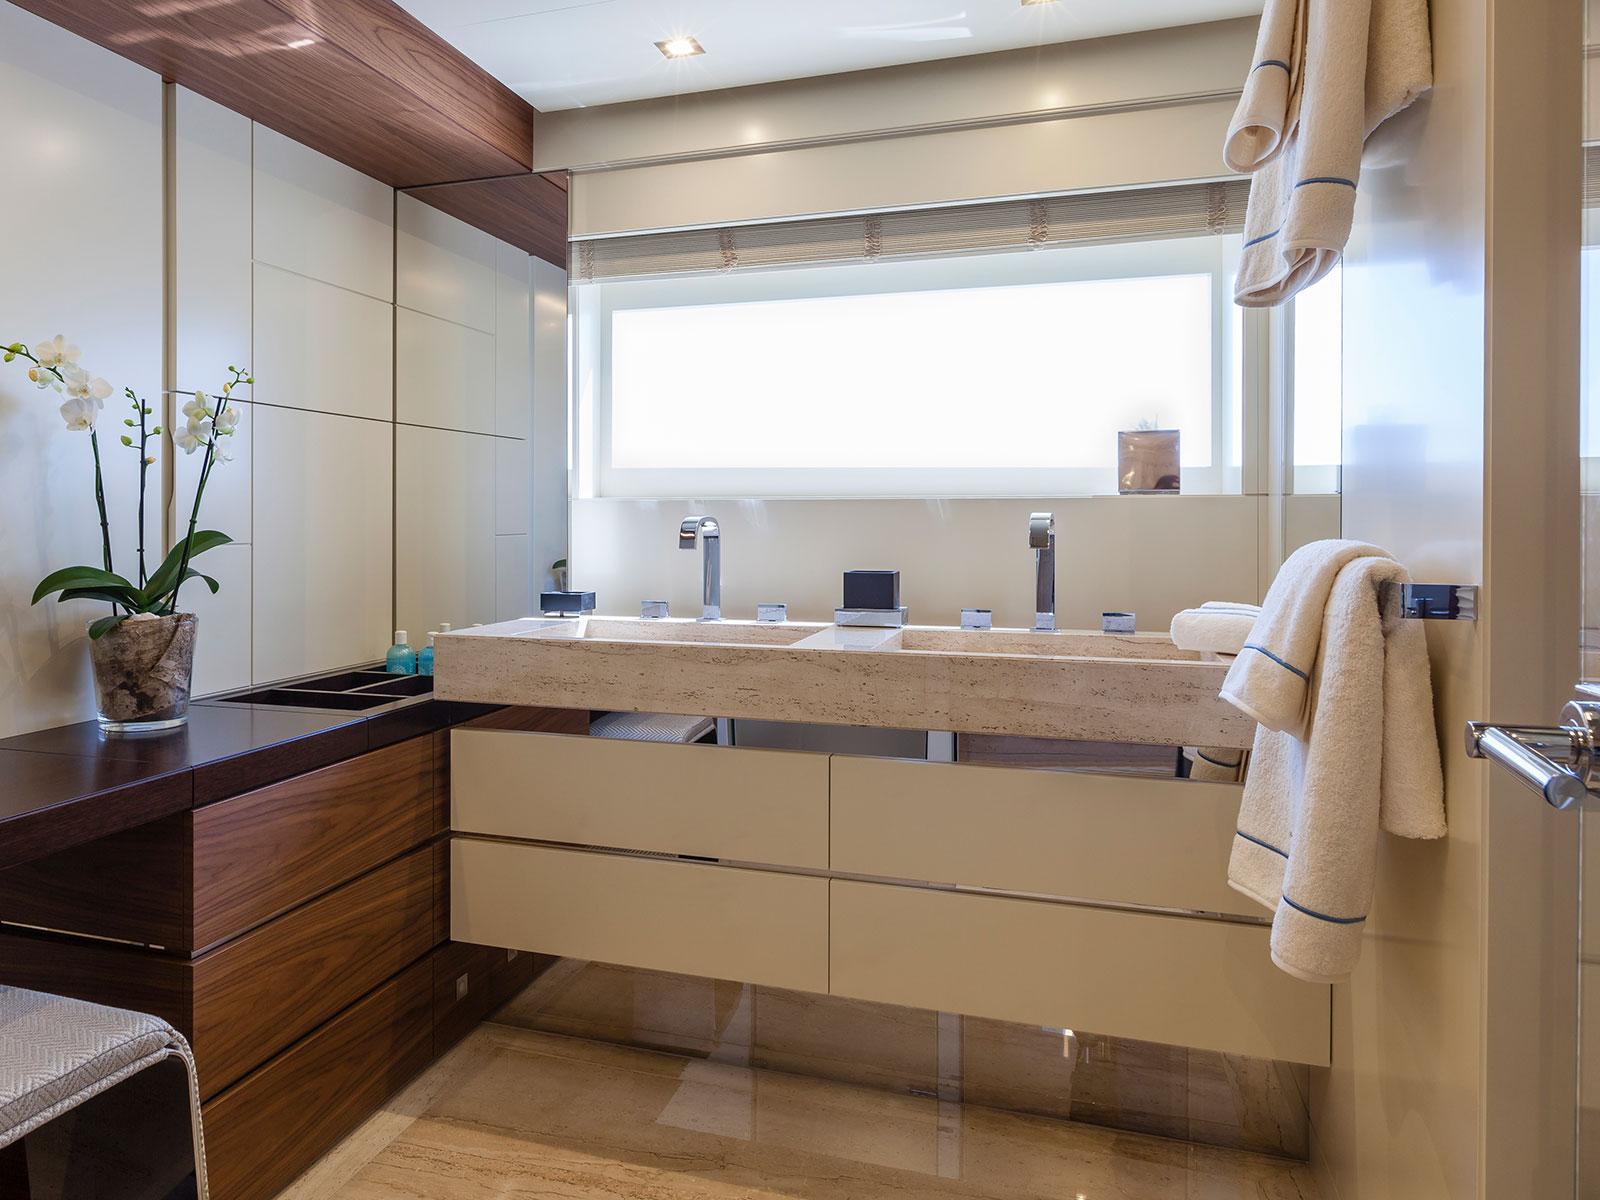 Amore Mio bathroom